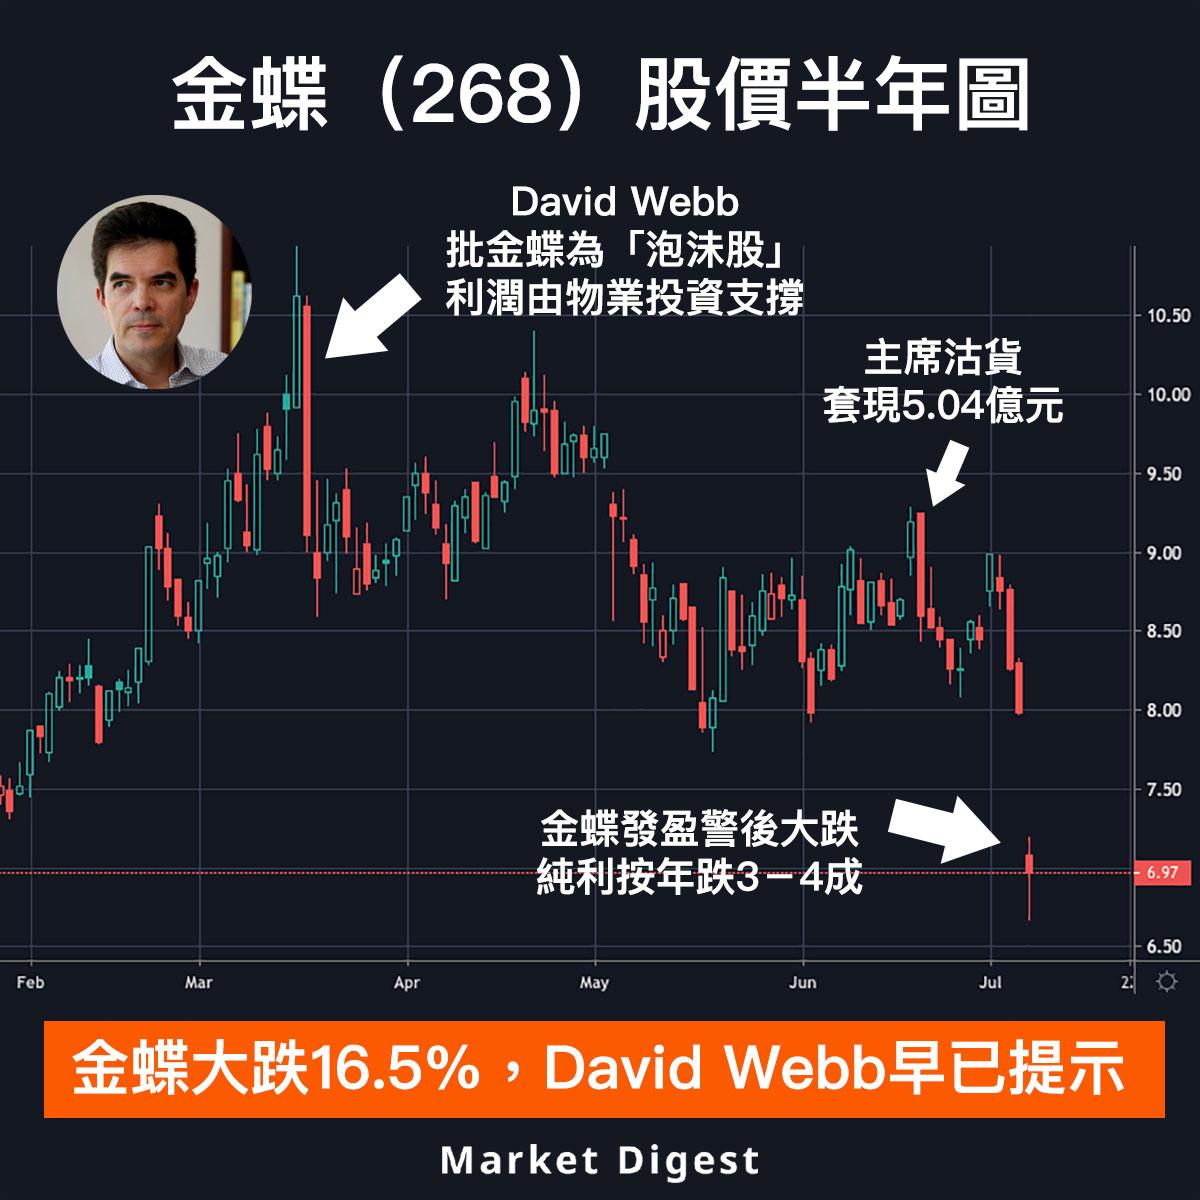 【暴跌股】金蝶大跌16.5%,David Webb早已提示